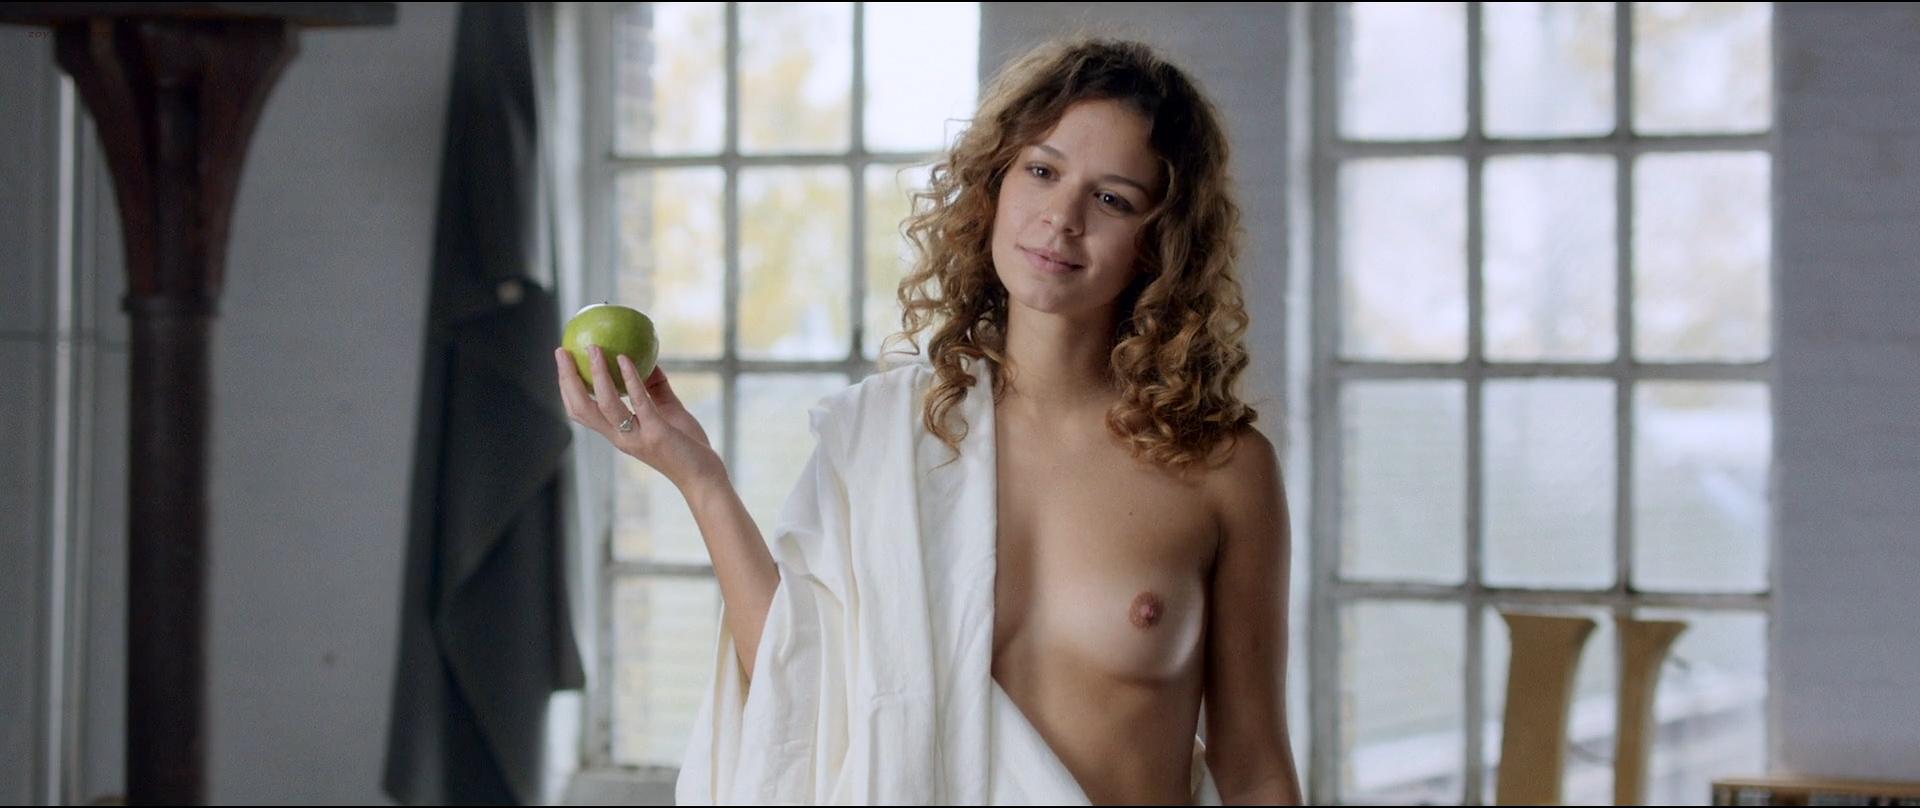 jennifer-hoffman-nude-lesbians-spit-on-ass